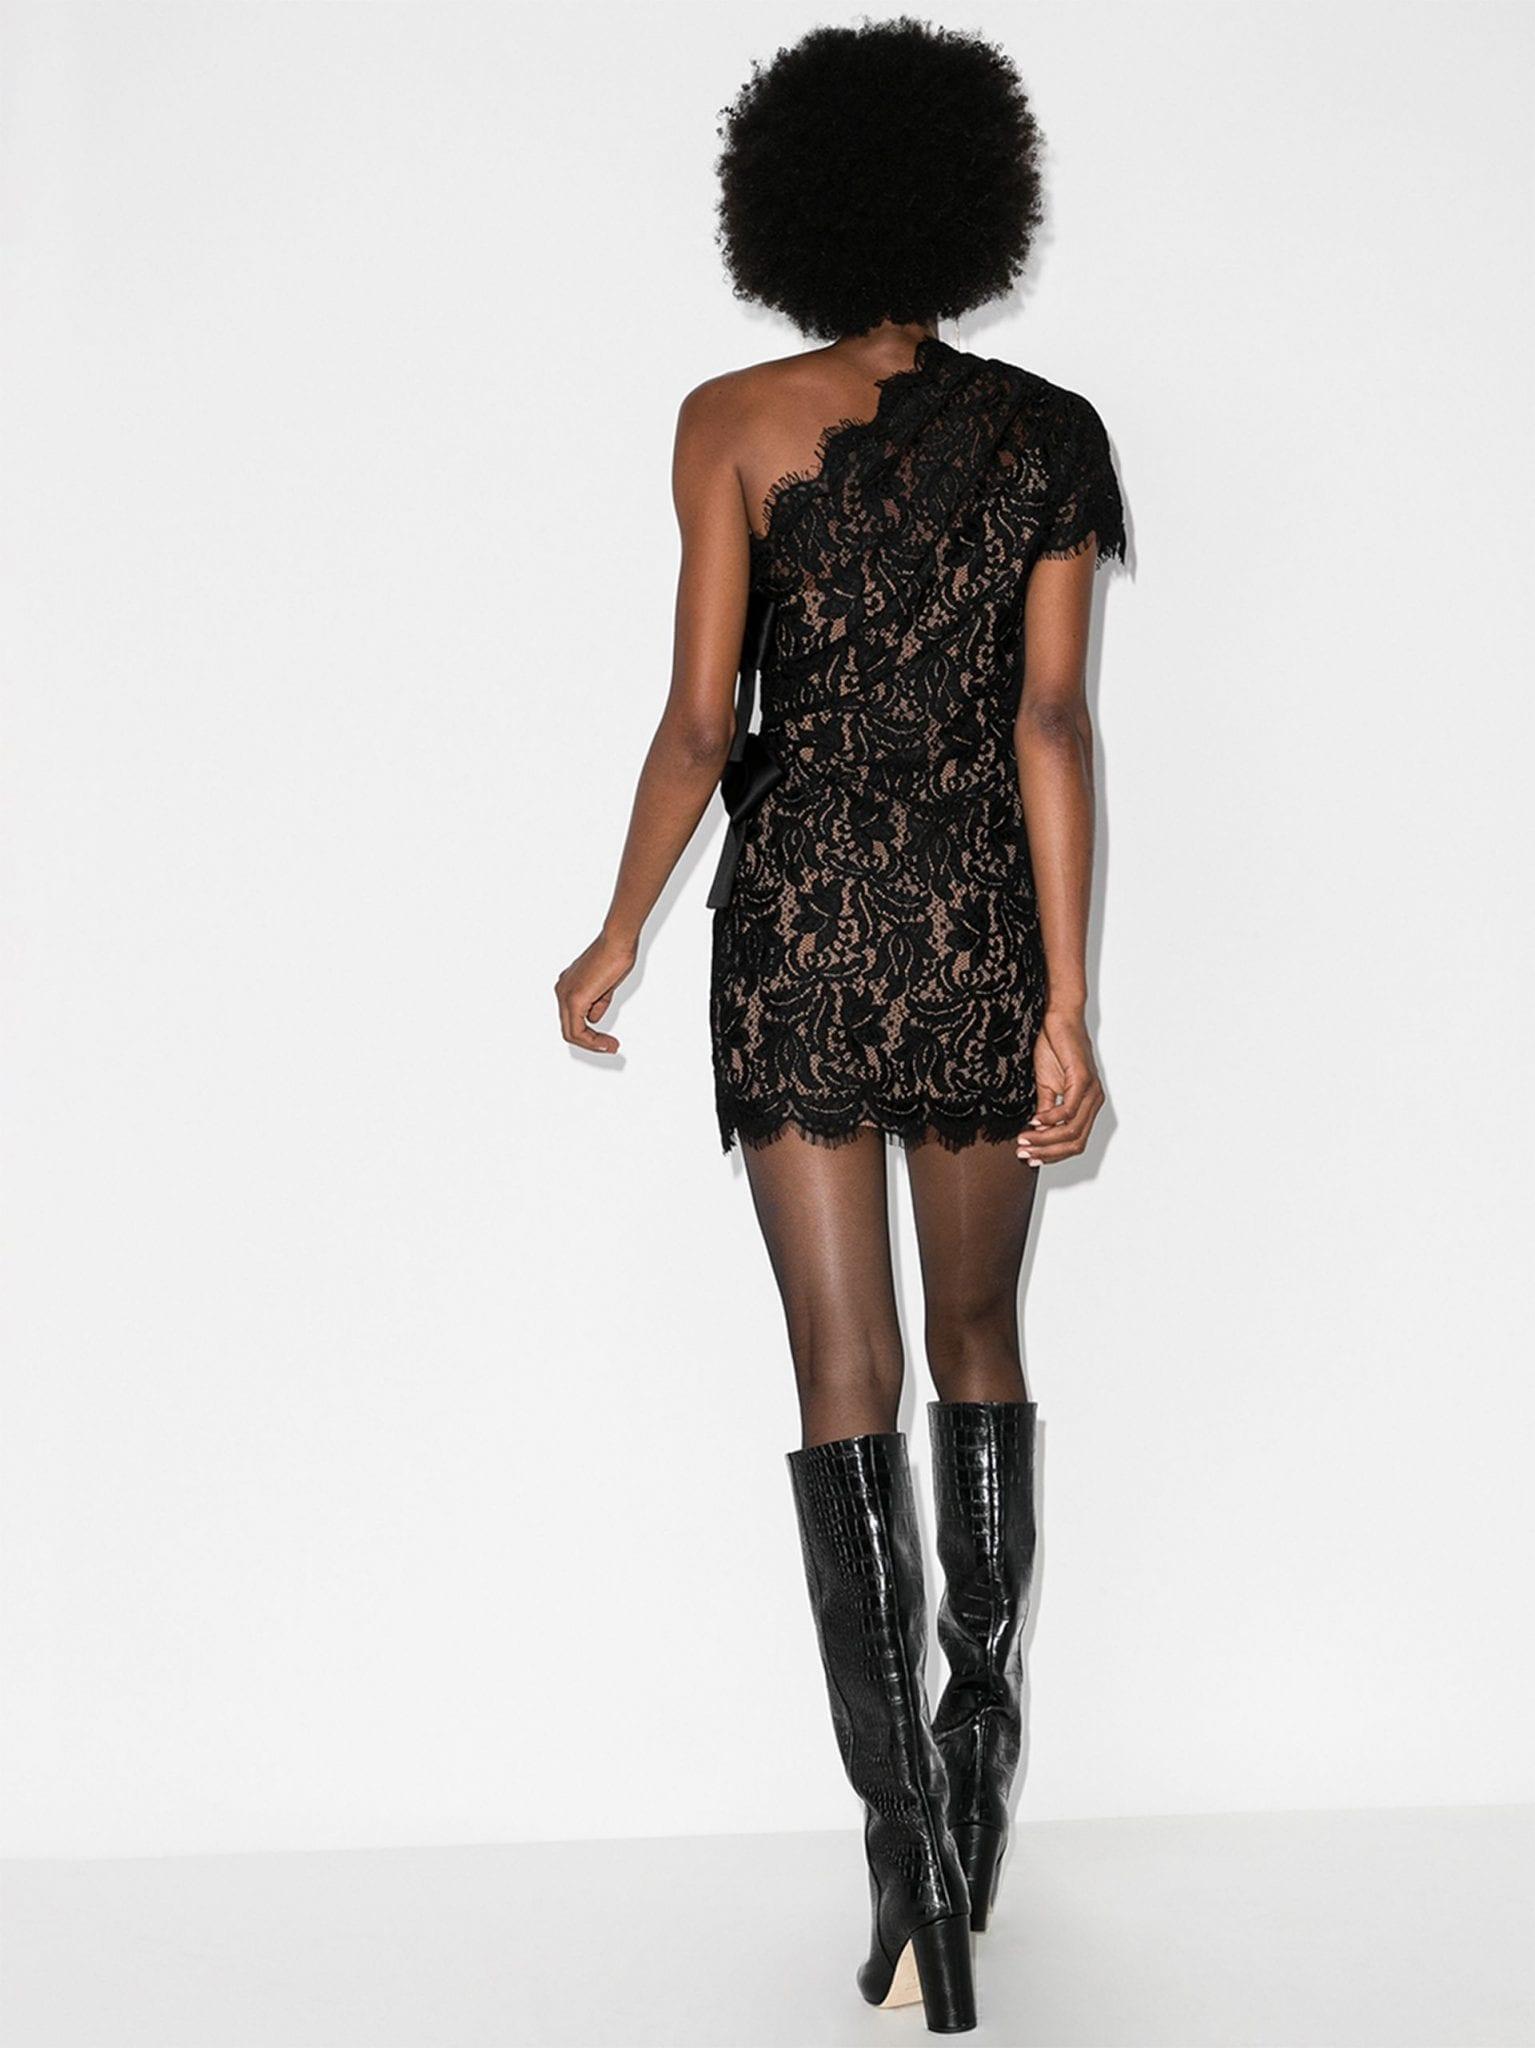 SAINT LAURENT One Shoulder Lace Dress